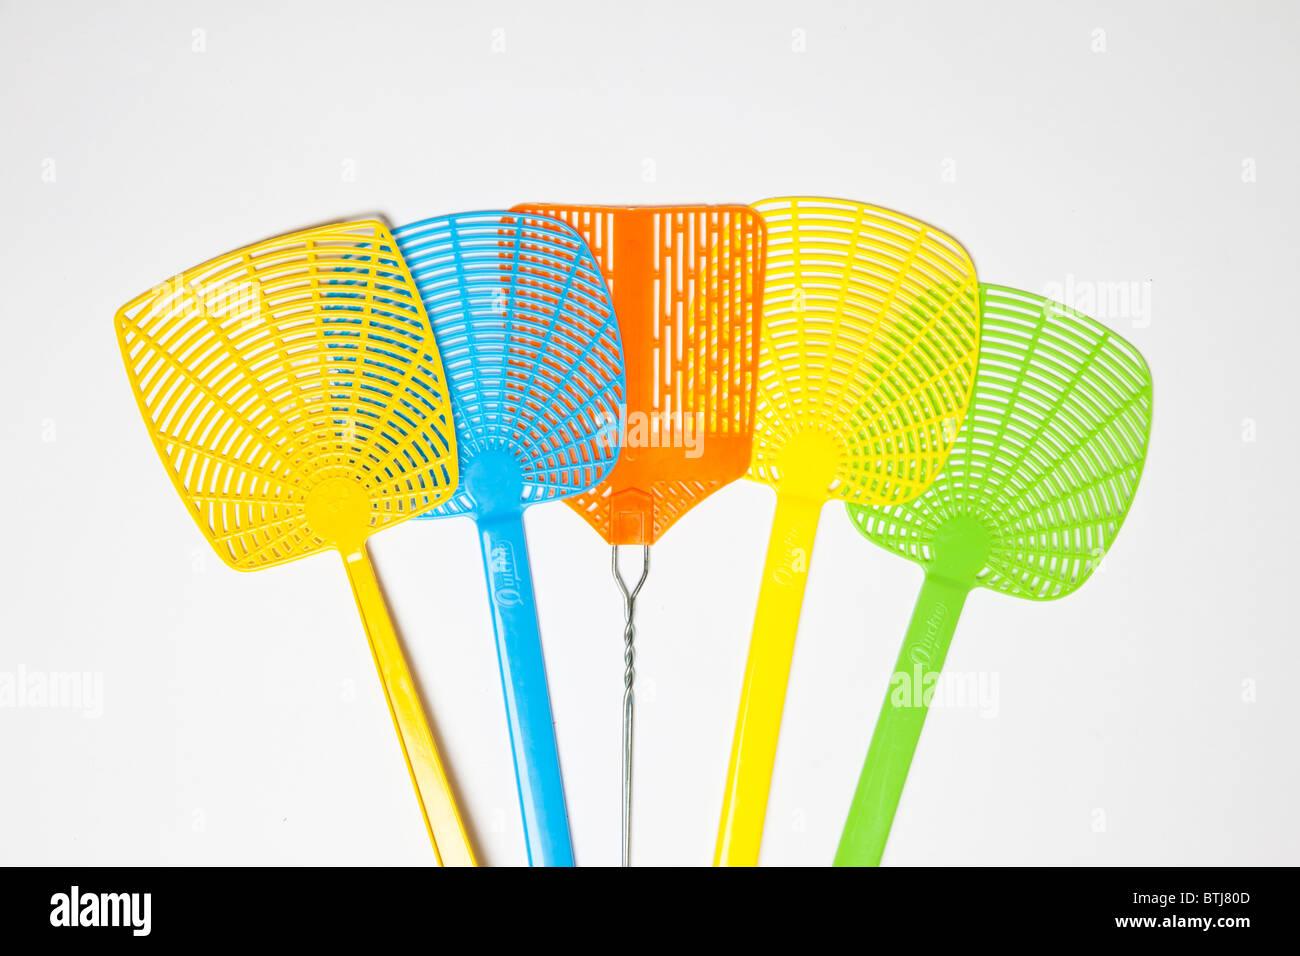 Fly swatters plastique en couleur Photo Stock